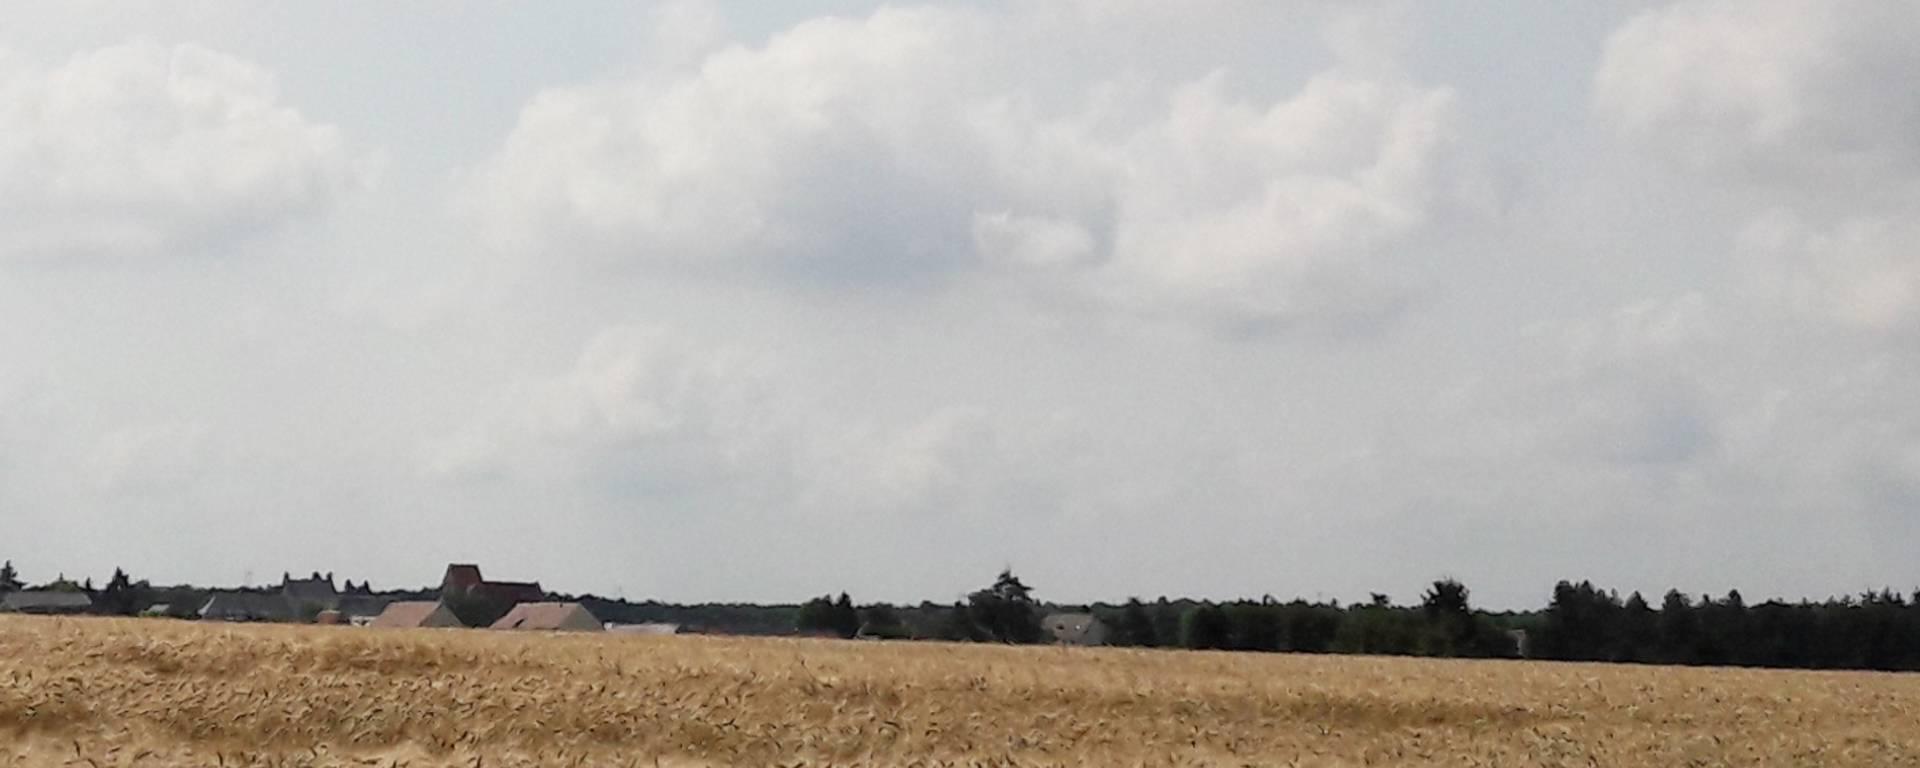 Les champs de blé à perte de vue en Petite Beauce